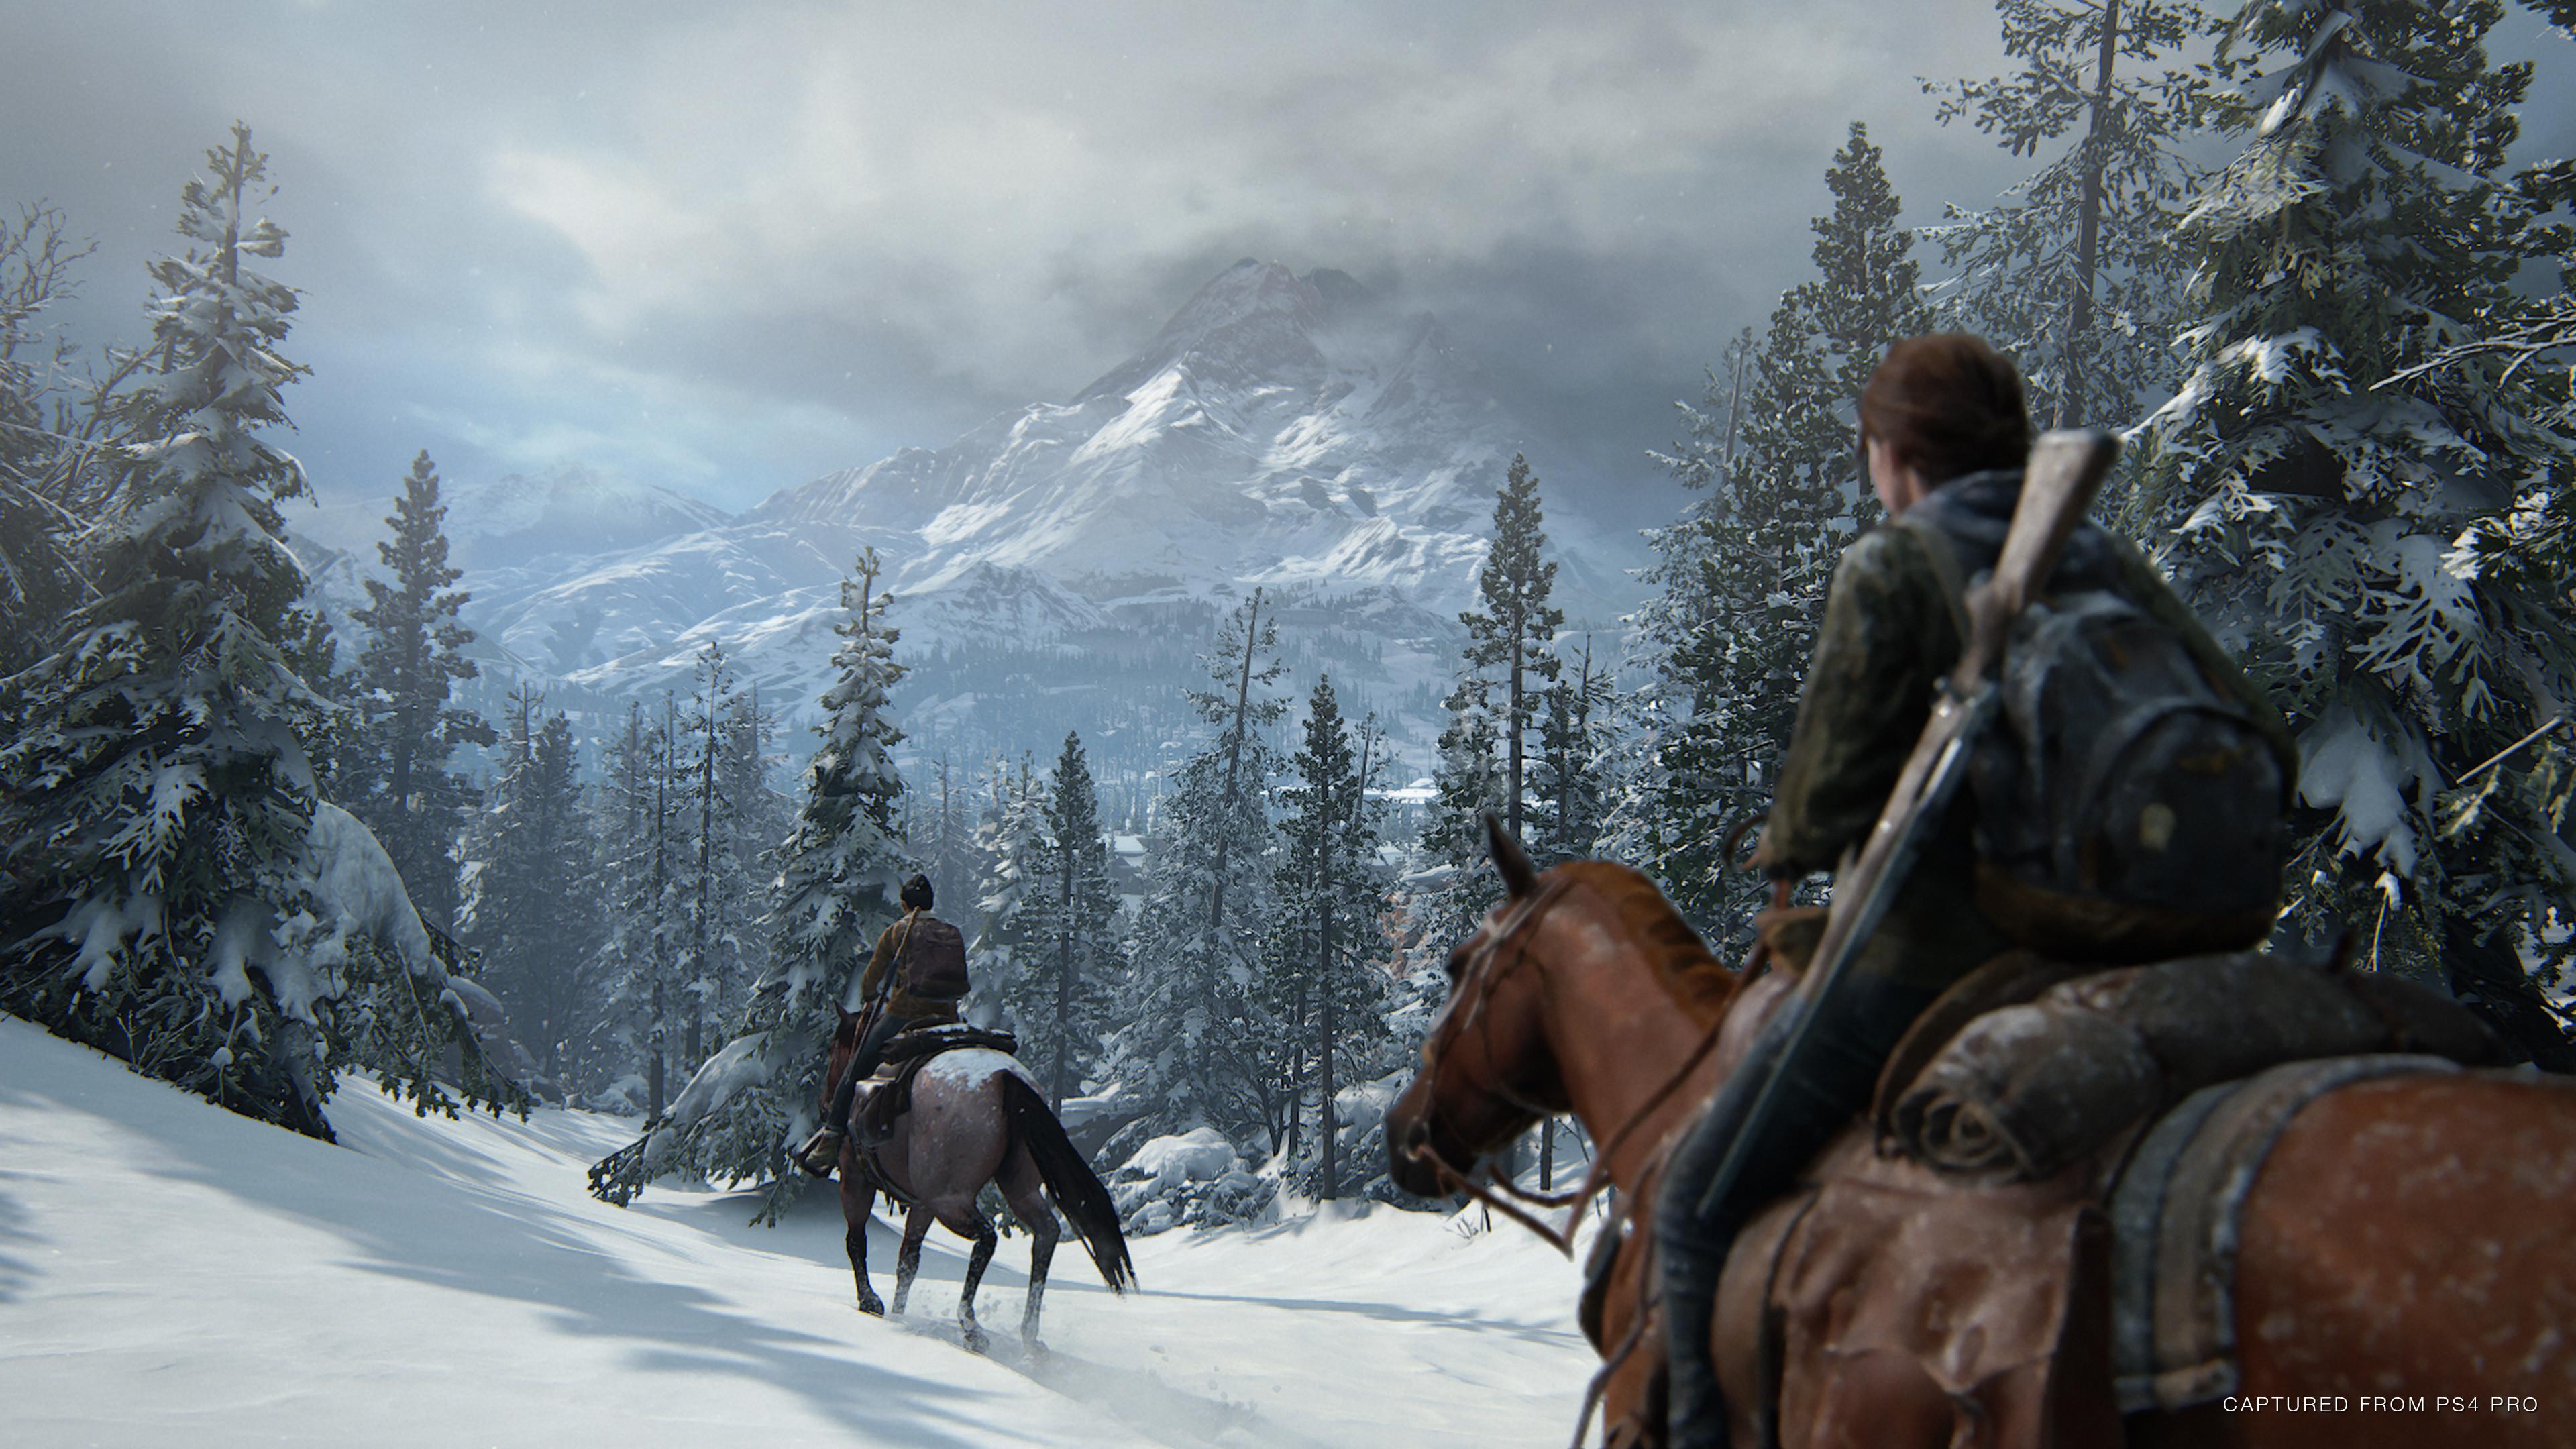 Разработчики Cyberpunk 2077 назвали The Last of Us Part II лучшей игрой года, но пользователи с ними не согласны